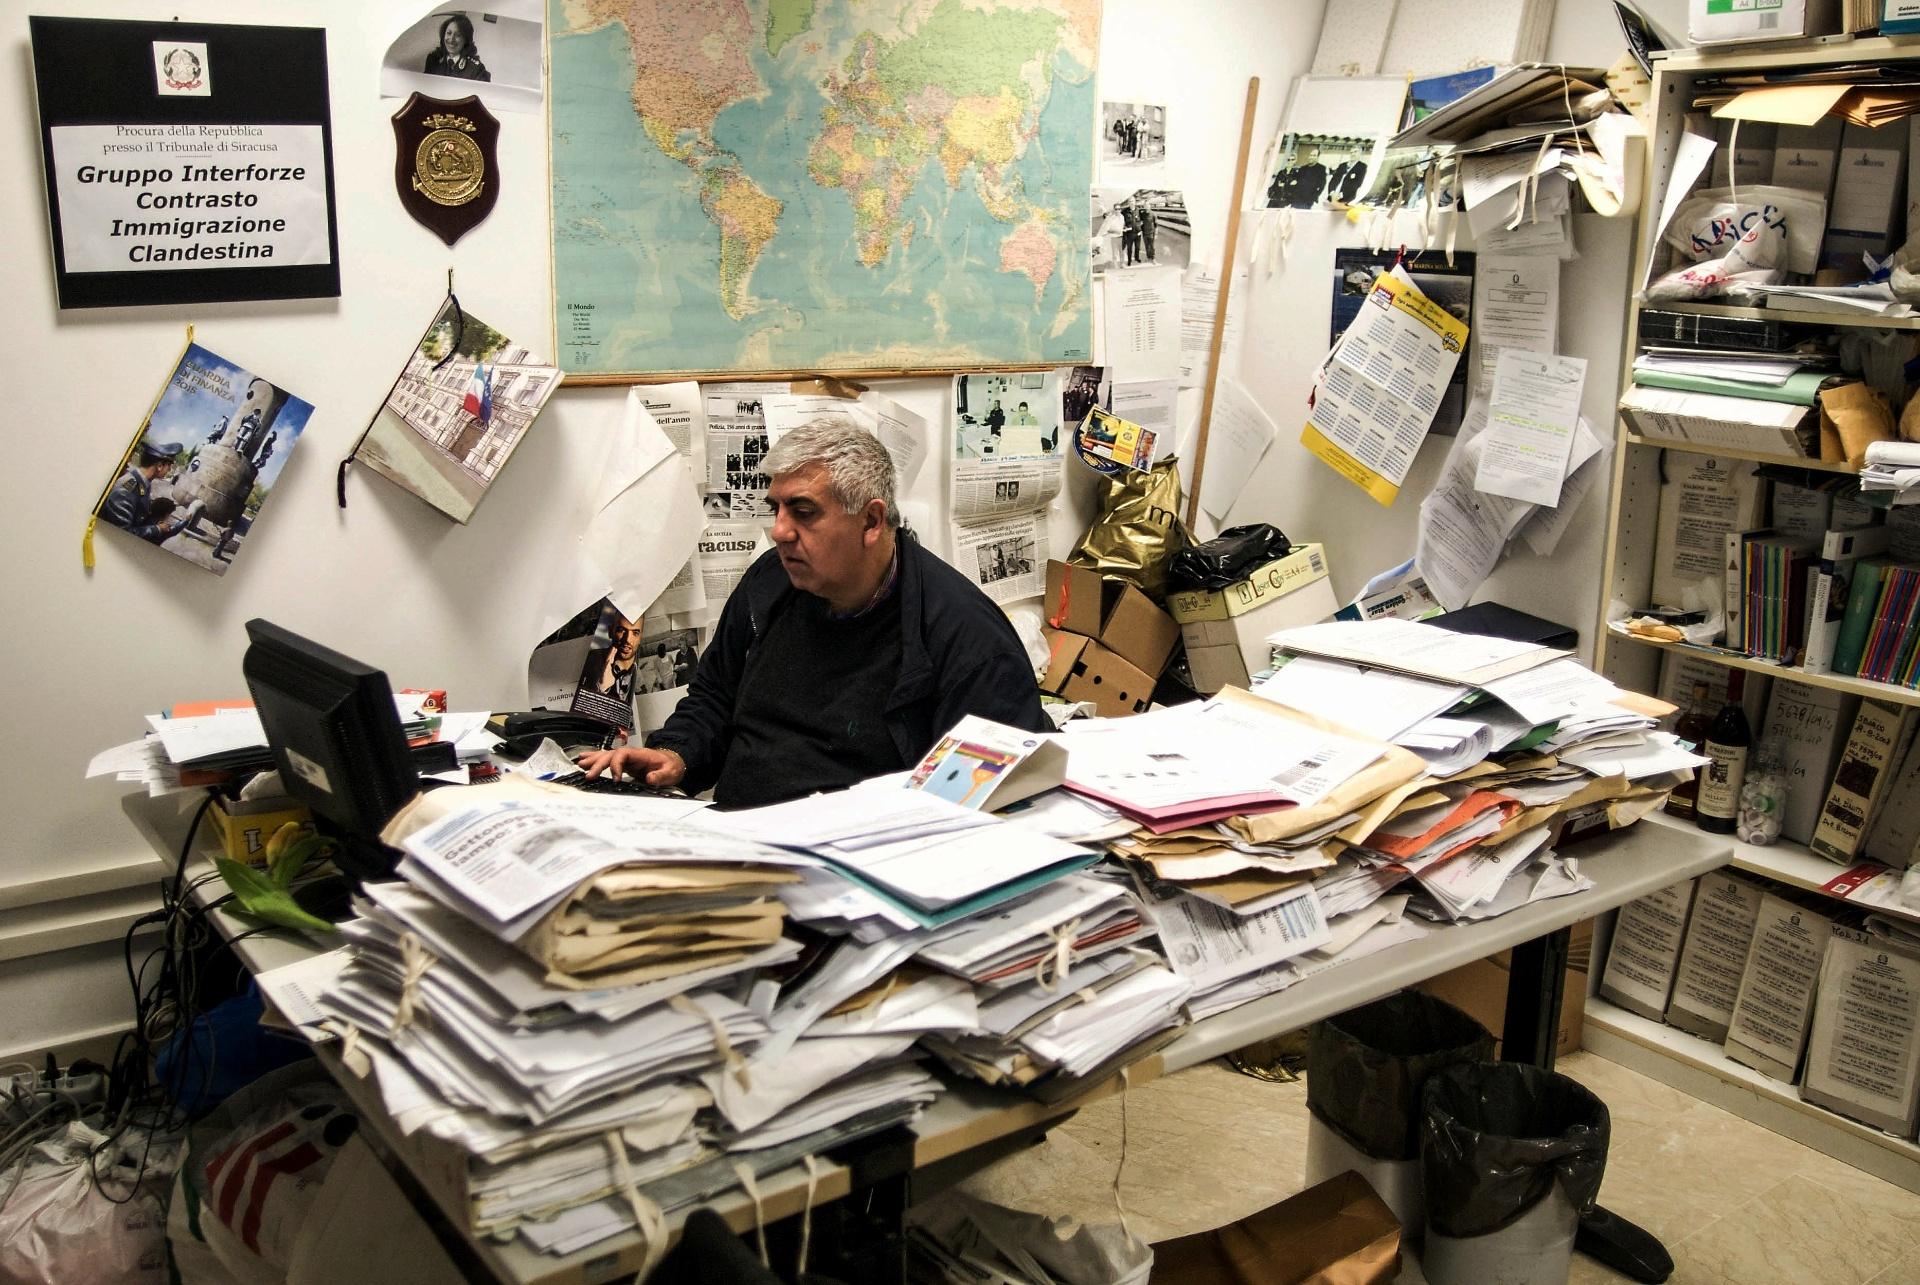 2.out.2015 - O comissário Parini é o responsável pelo grupo de combate à imigração clandestina na Itália, e fica com a sala de seu escritório em Siracusa cheia de documentos